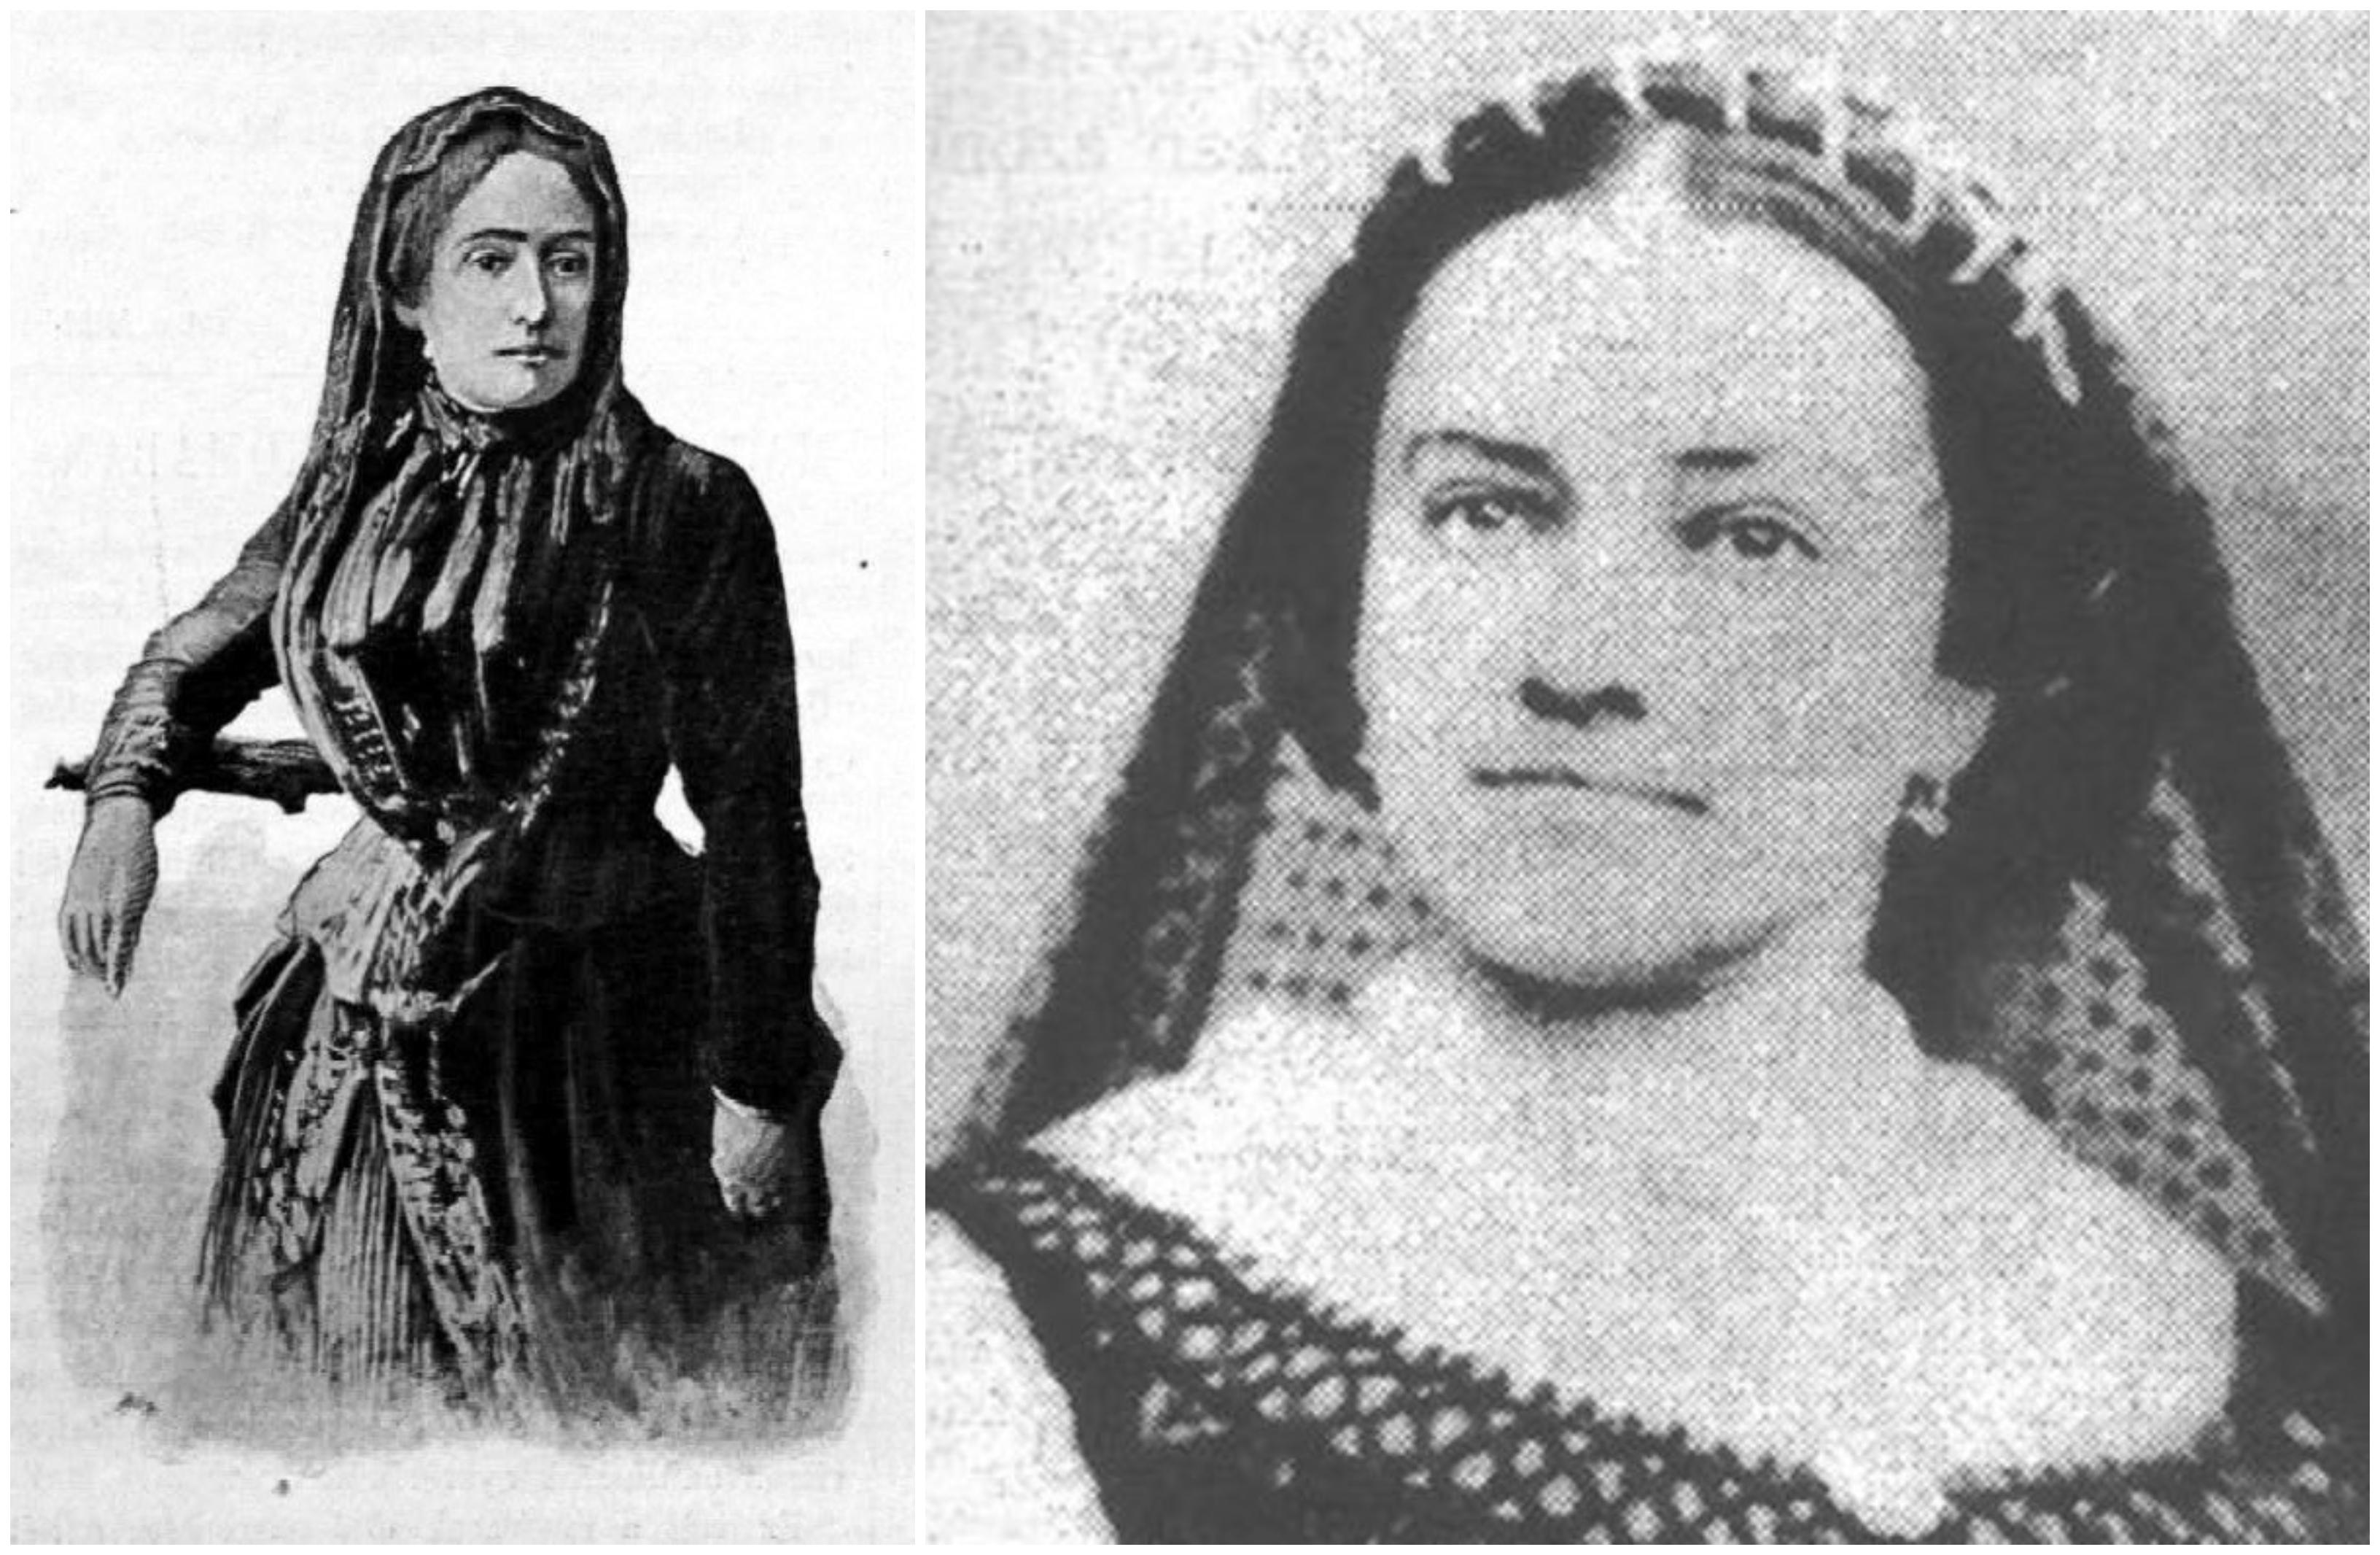 """Torma Zsófia volt az első magyar régésznő, de vannak, akik szerint a világ első női régésze, akit a hazai szakma """"bogarászó kisasszonynak"""" gúnyolt, de nemzetközi szinten szerencsére elismerték."""